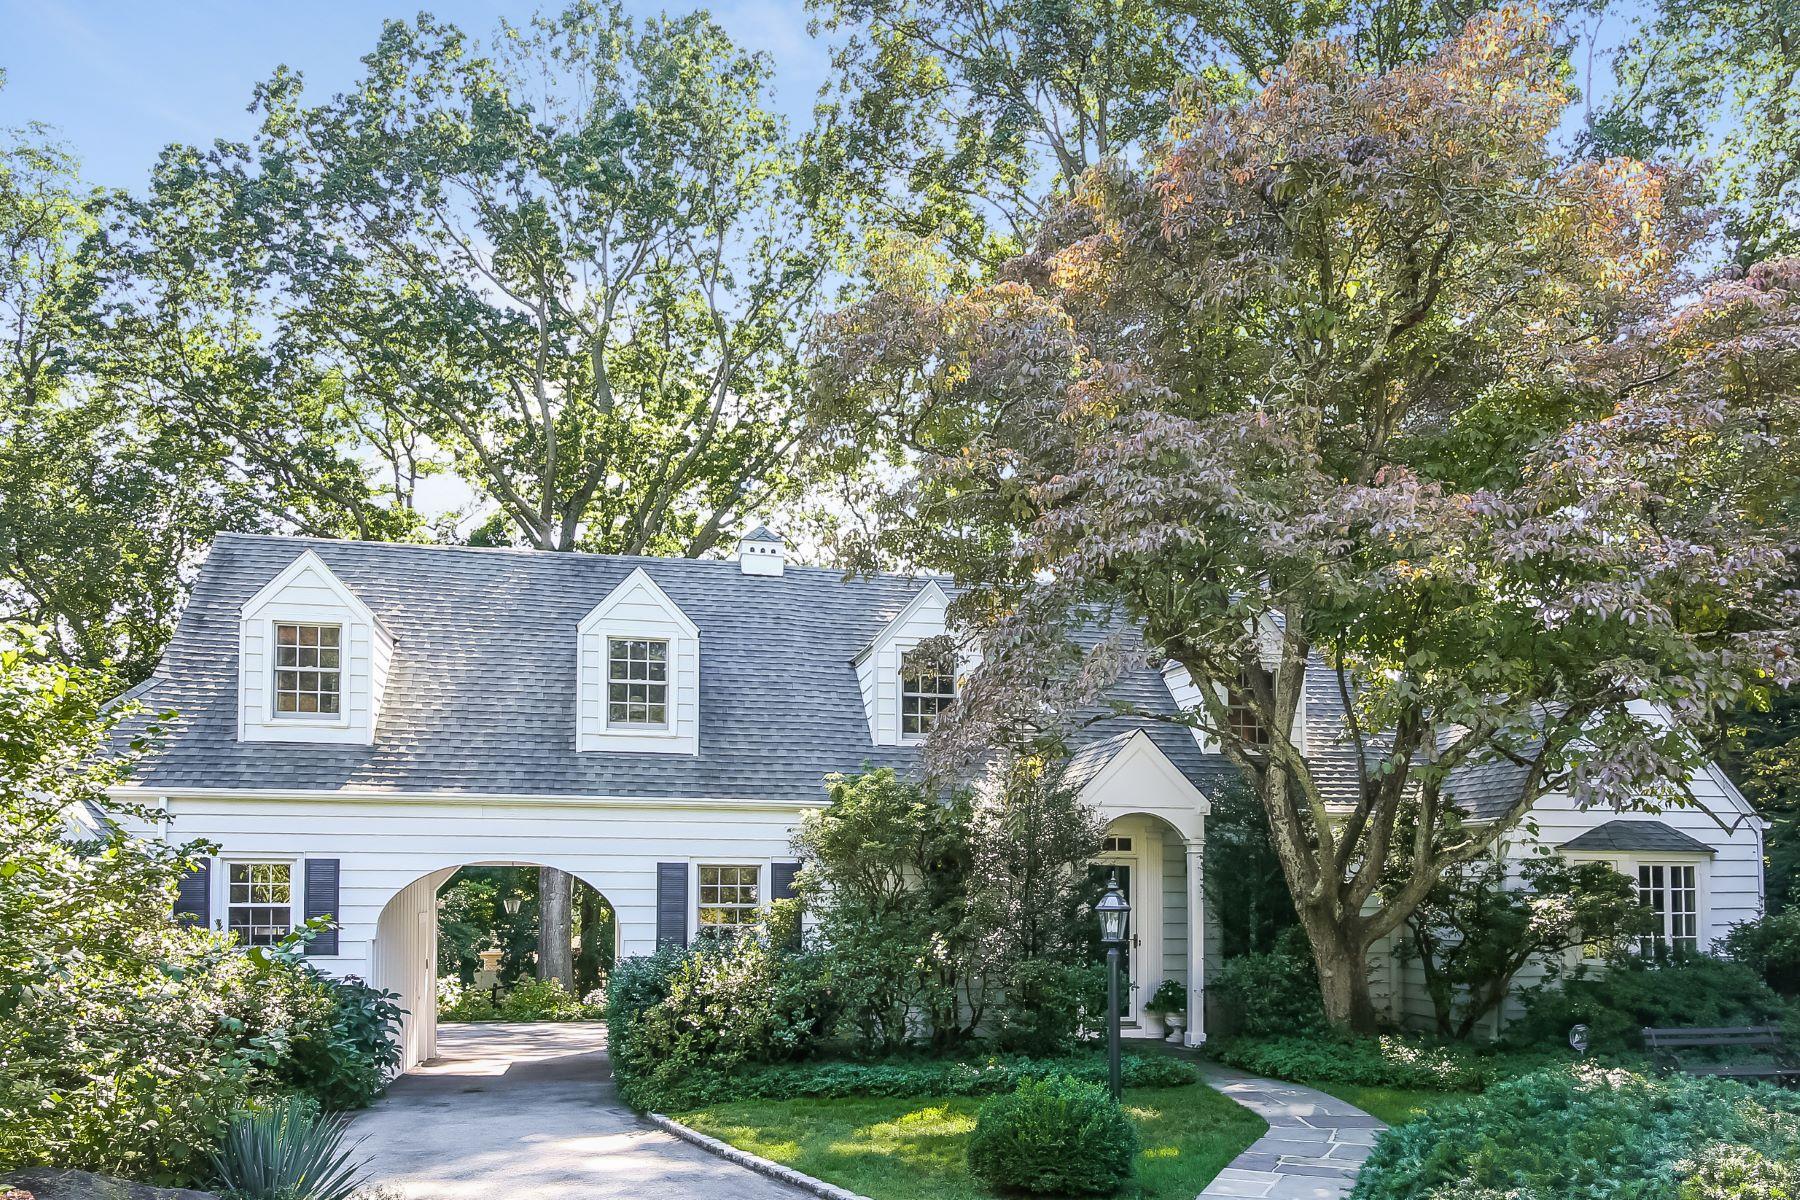 一戸建て のために 売買 アット 4 Scott Lane Purchase, ニューヨーク, 10577 アメリカ合衆国